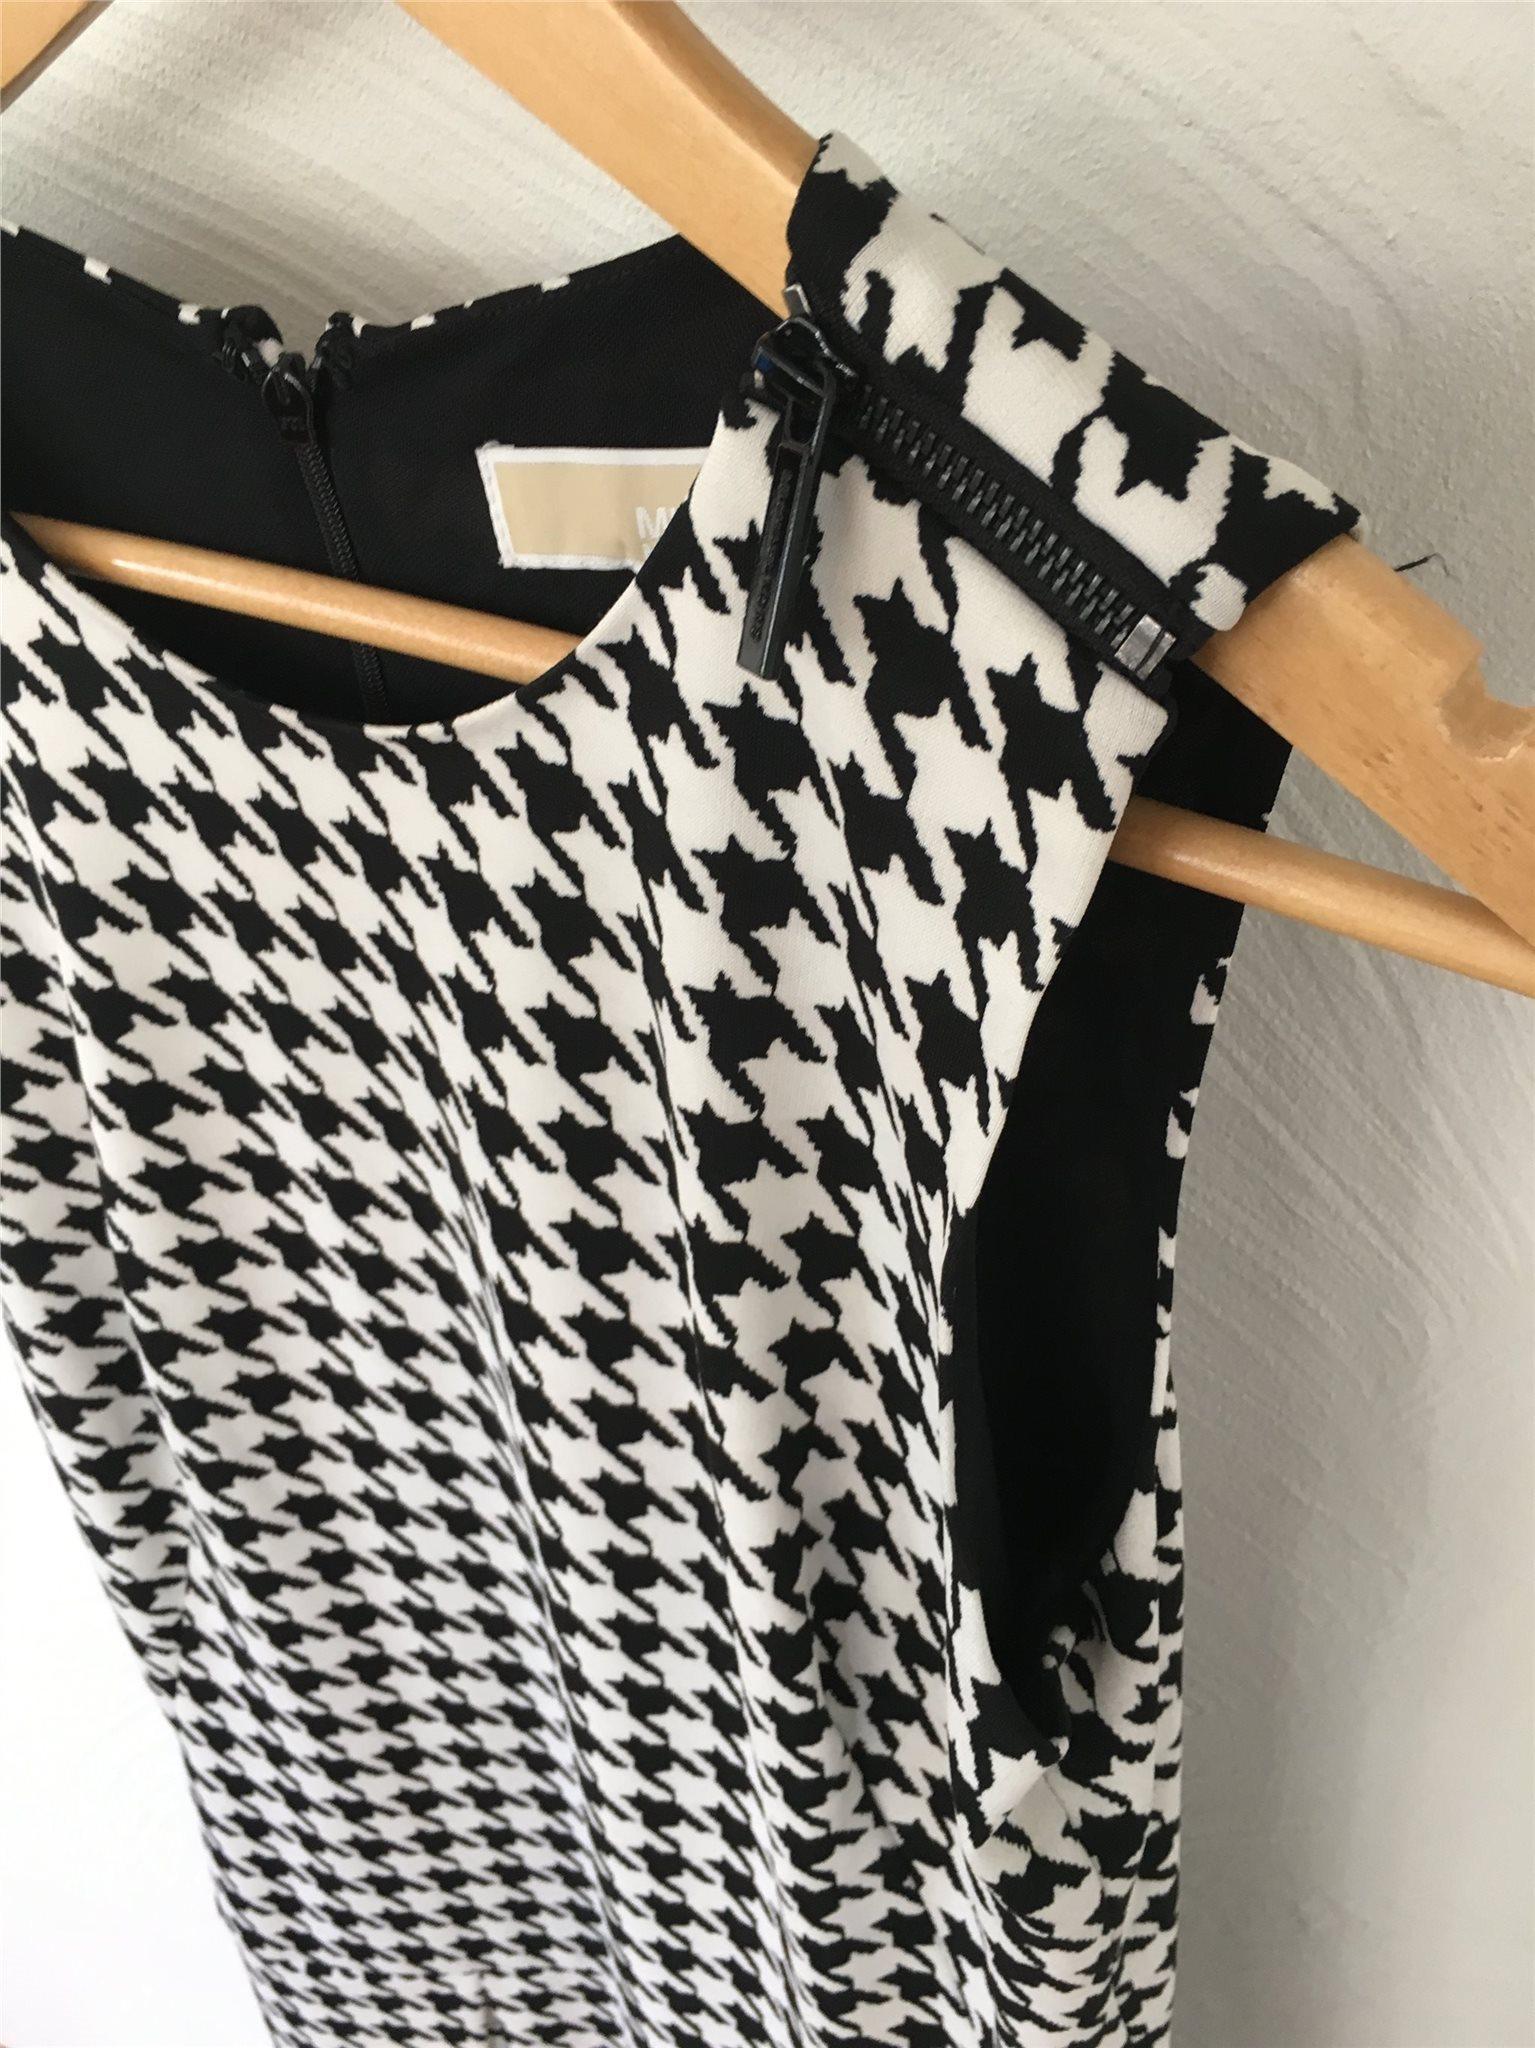 88c773012486 MIchael Kors nyskick - klänning - svart och vit.. (333980336) ᐈ Köp ...